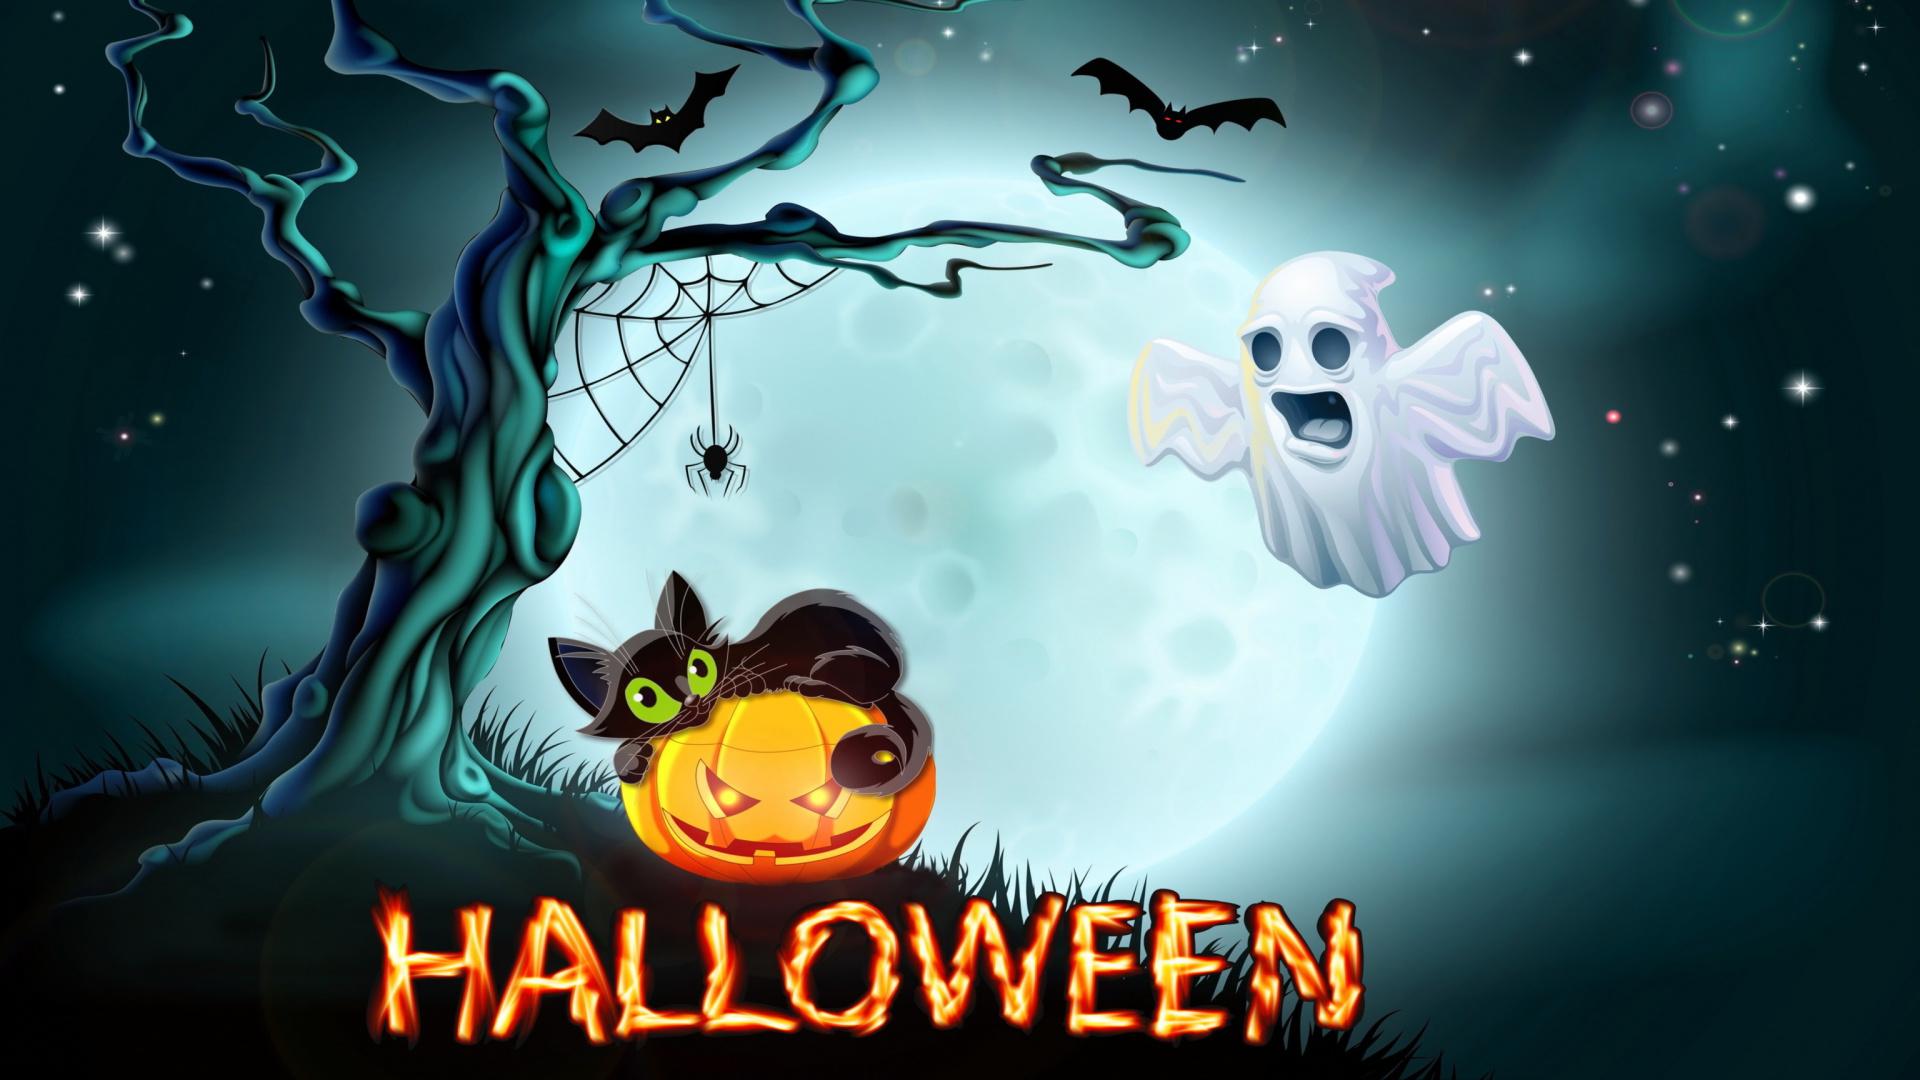 хотим вместе прикольные рисунки на хэллоуин пришлось